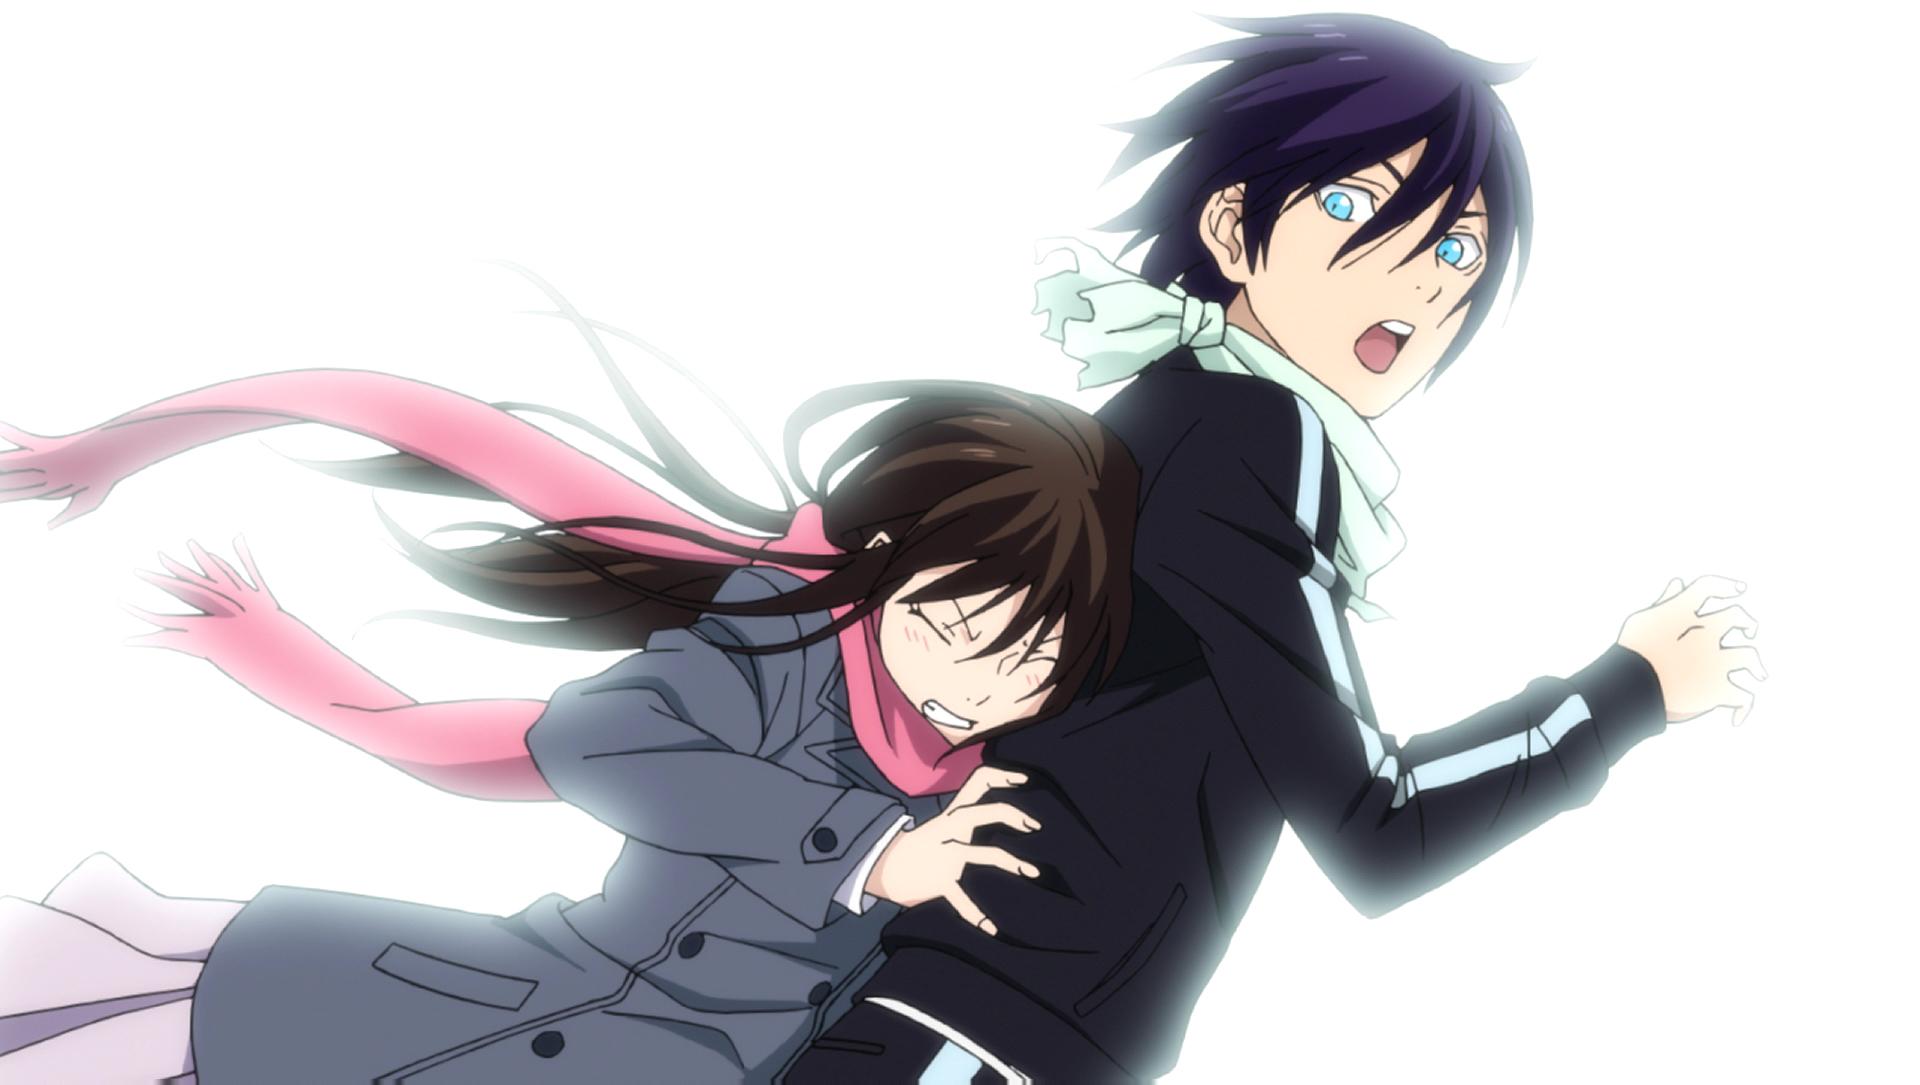 Watch noragami season 1 episode 1 sub dub anime uncut funimation